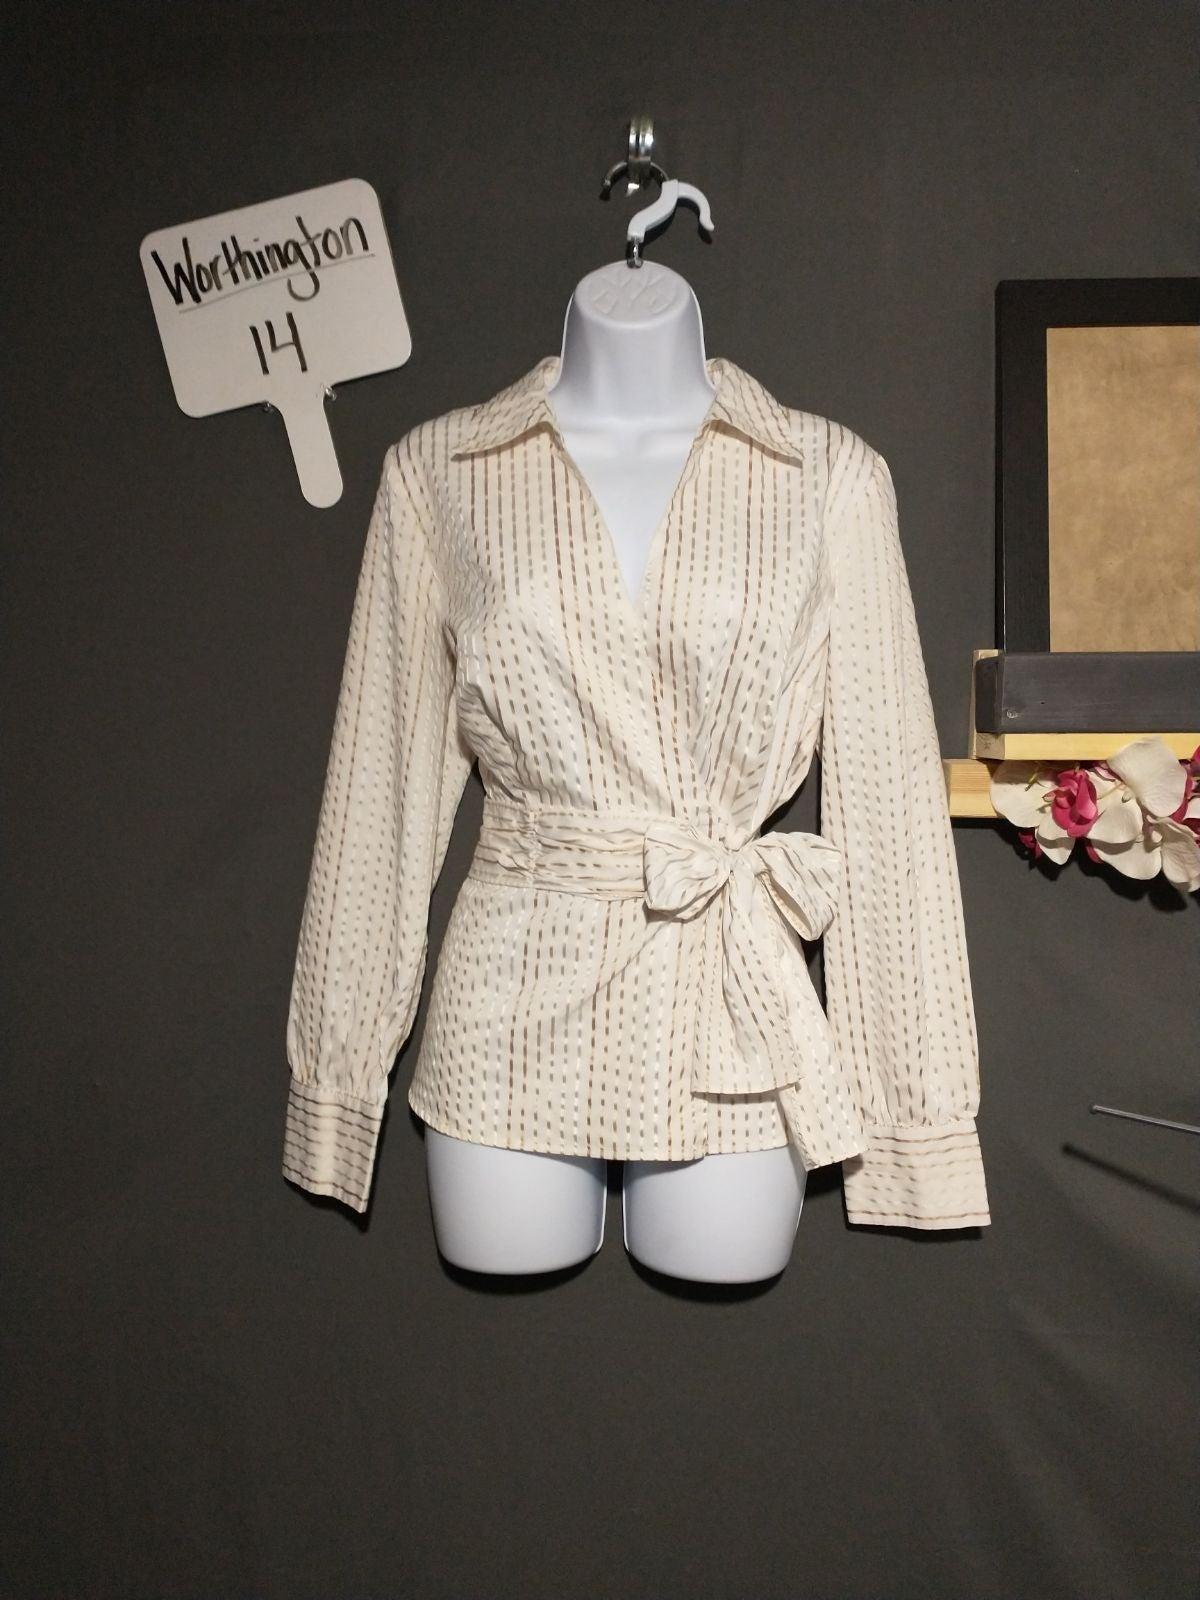 Worthington white blouse with bow large